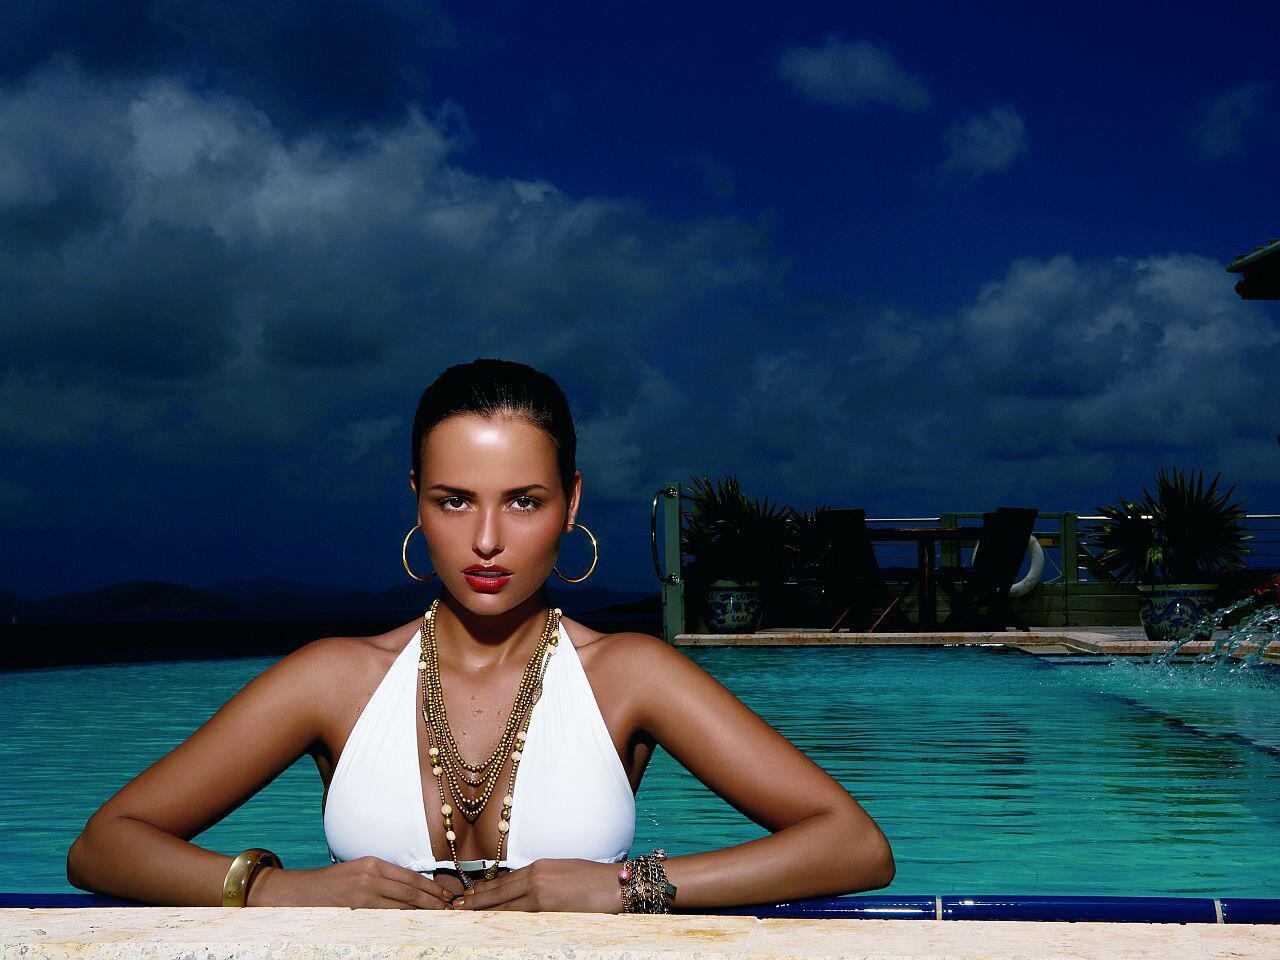 Bild zu Tuning-Kalender 2010: Martina Ivezaj auf den British Virgin Islands